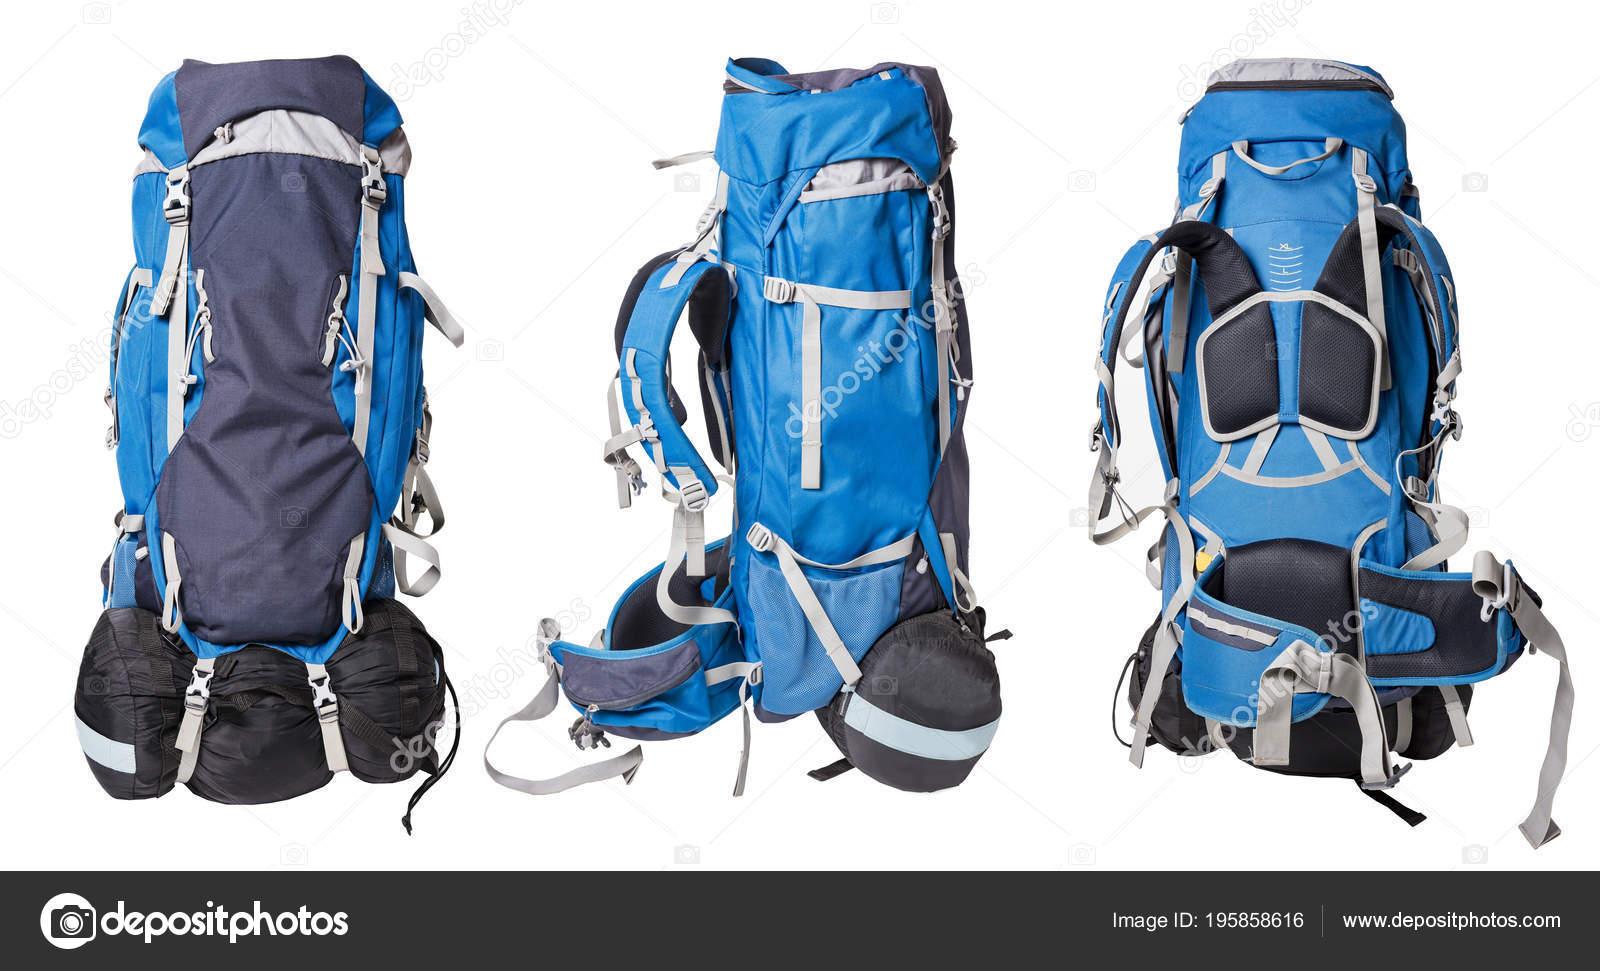 separation shoes 2fedc a0356 Diversi punti di vista blu zaino per escursionismo isolato ...